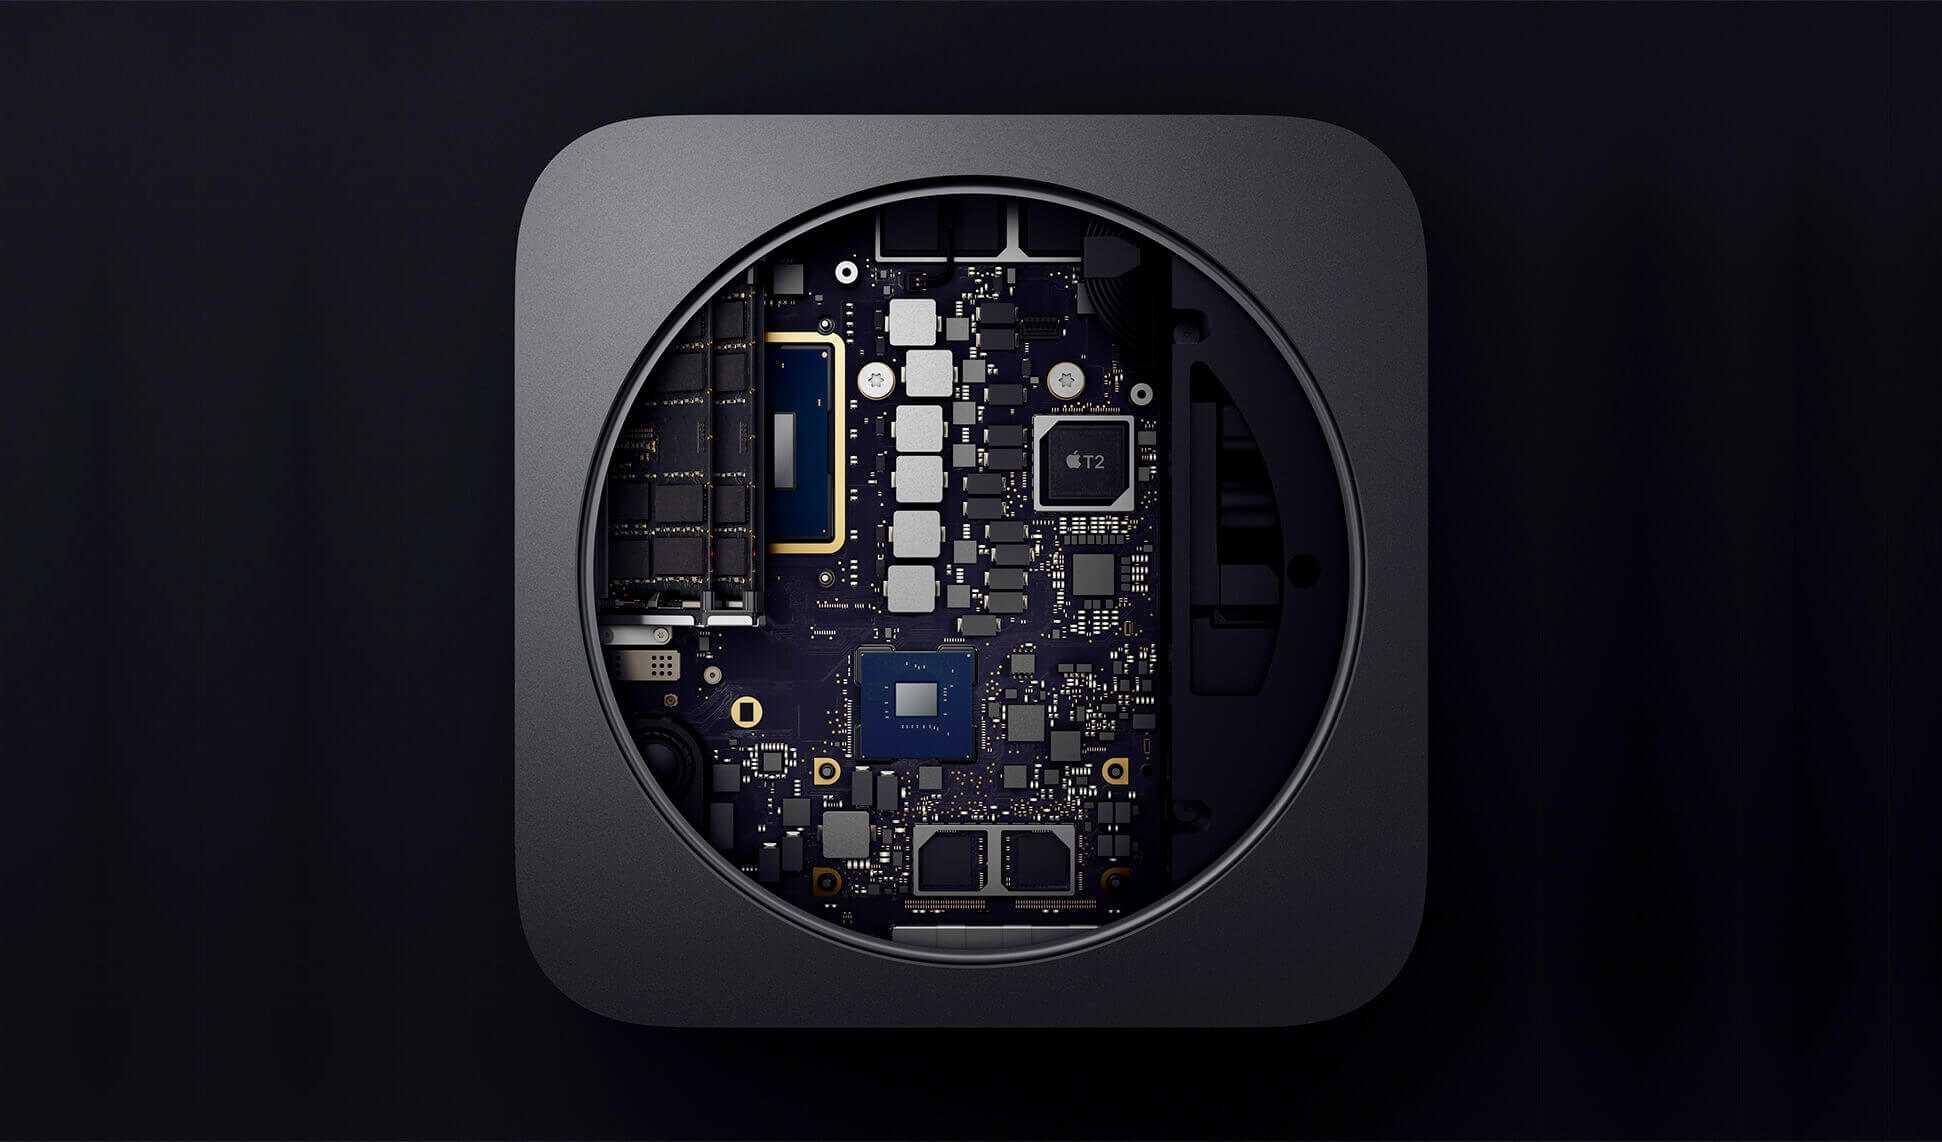 Macbook, macbook air или macbook pro? размышляем, что же выбрать